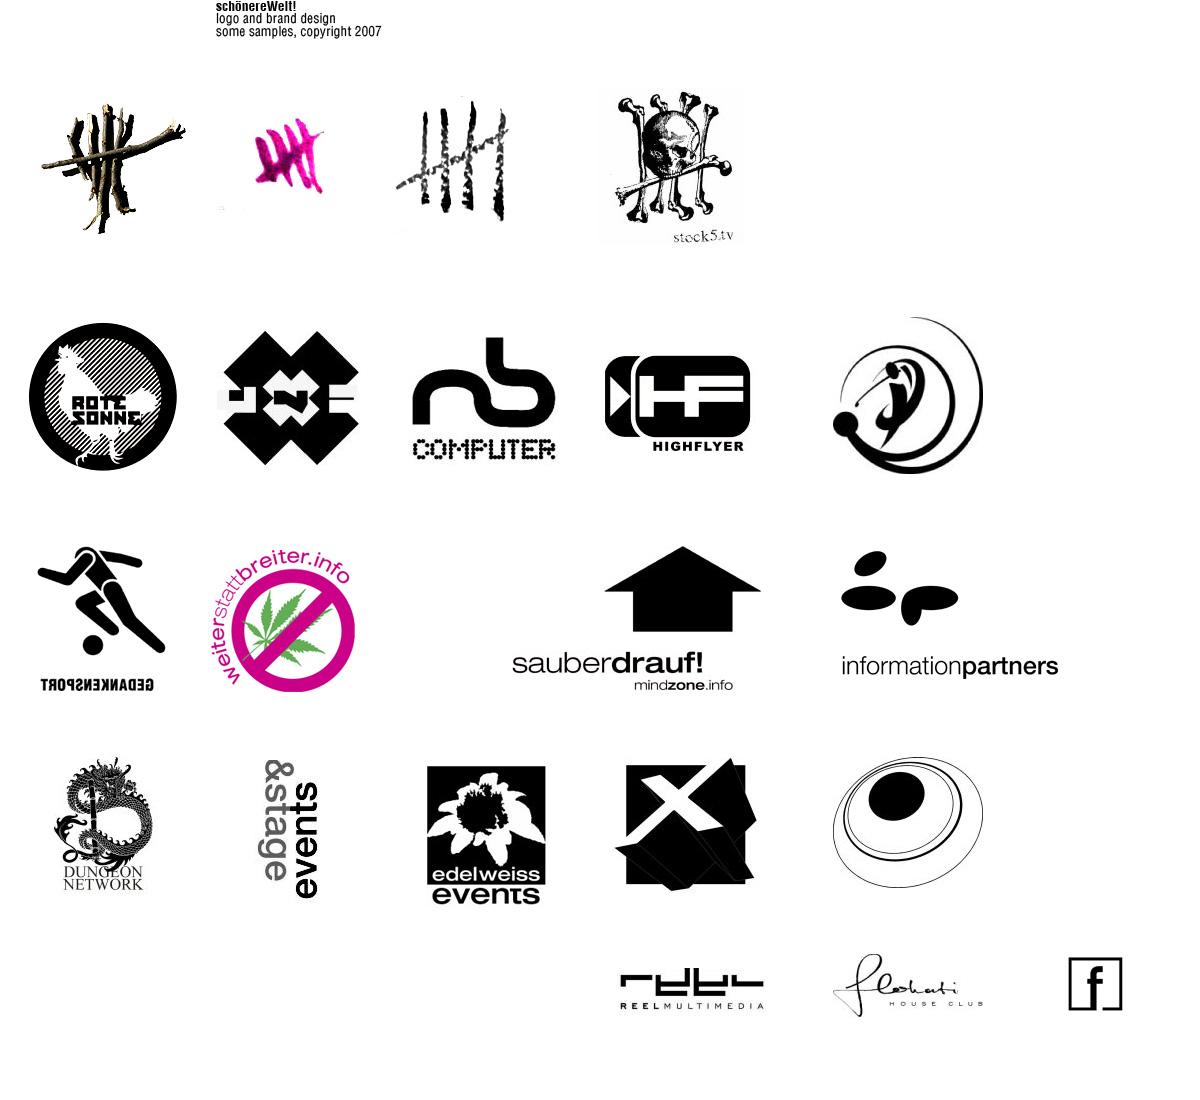 schönereWelt! schönere-welt - logo-design-by-swelt-faved-on-flickr-classics